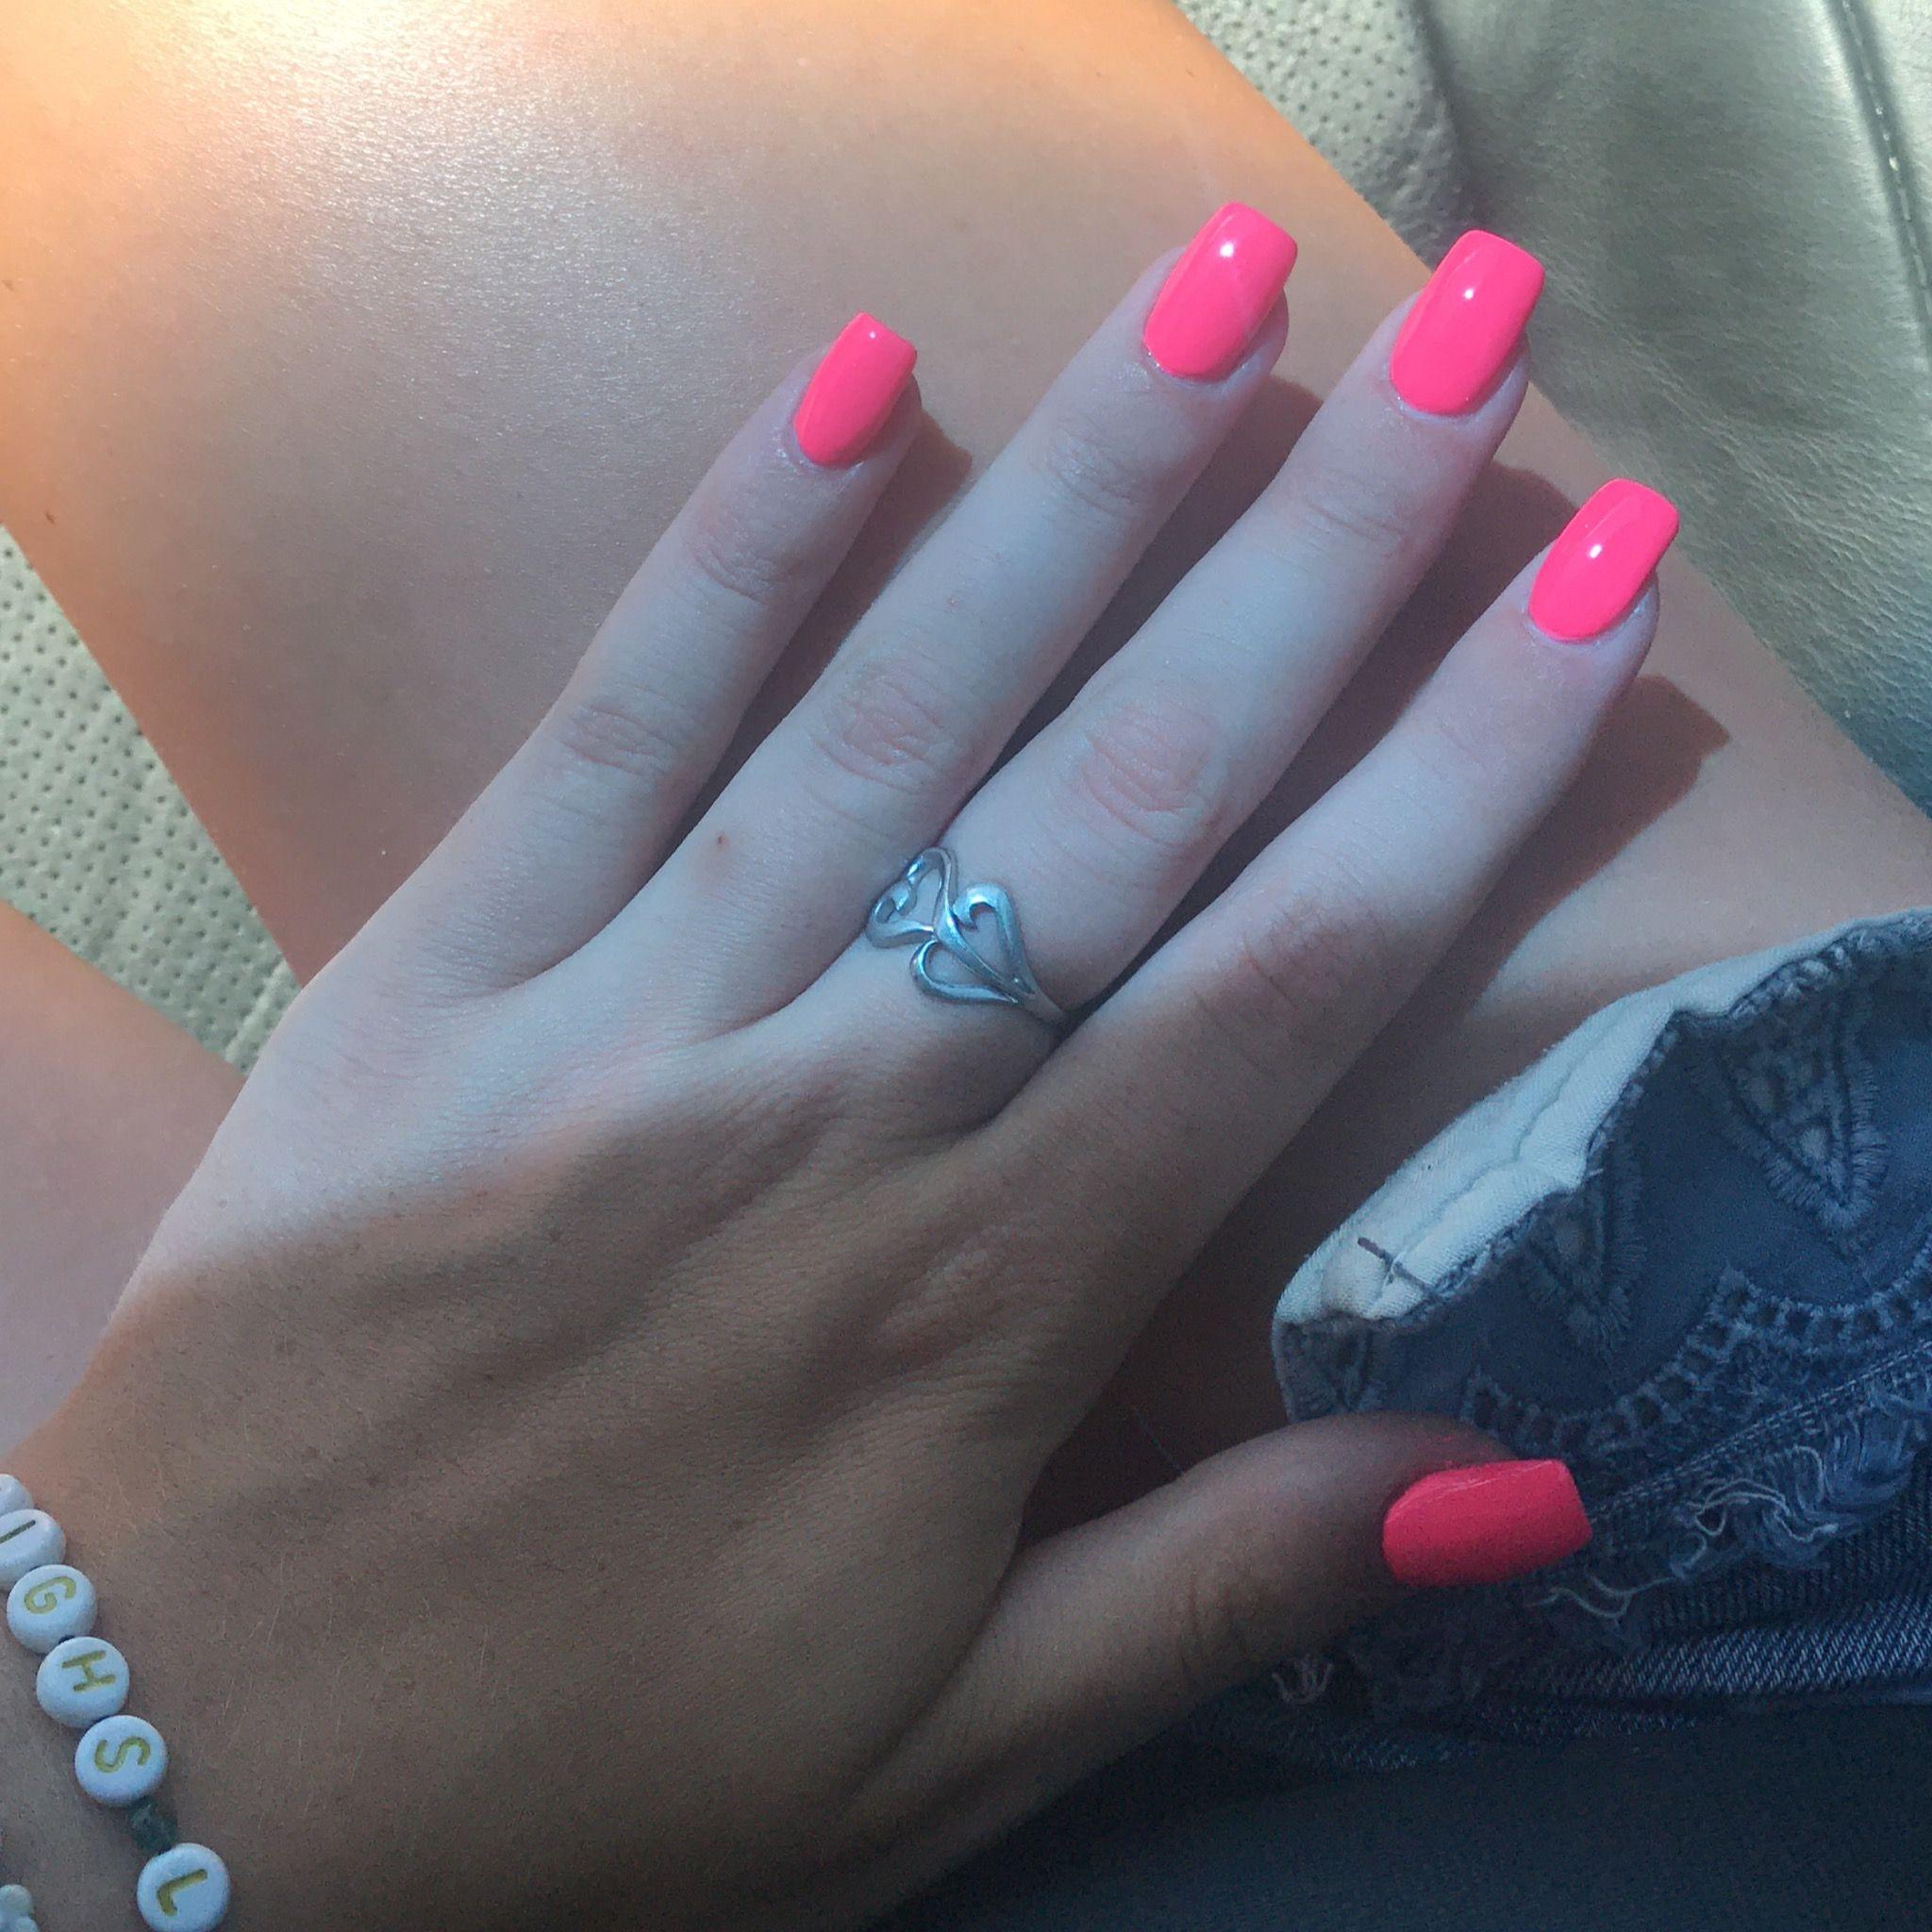 Hot Pink Acrylics Pink Acrylic Nails Hot Pink Acrylic Nails Hot Pink Nails